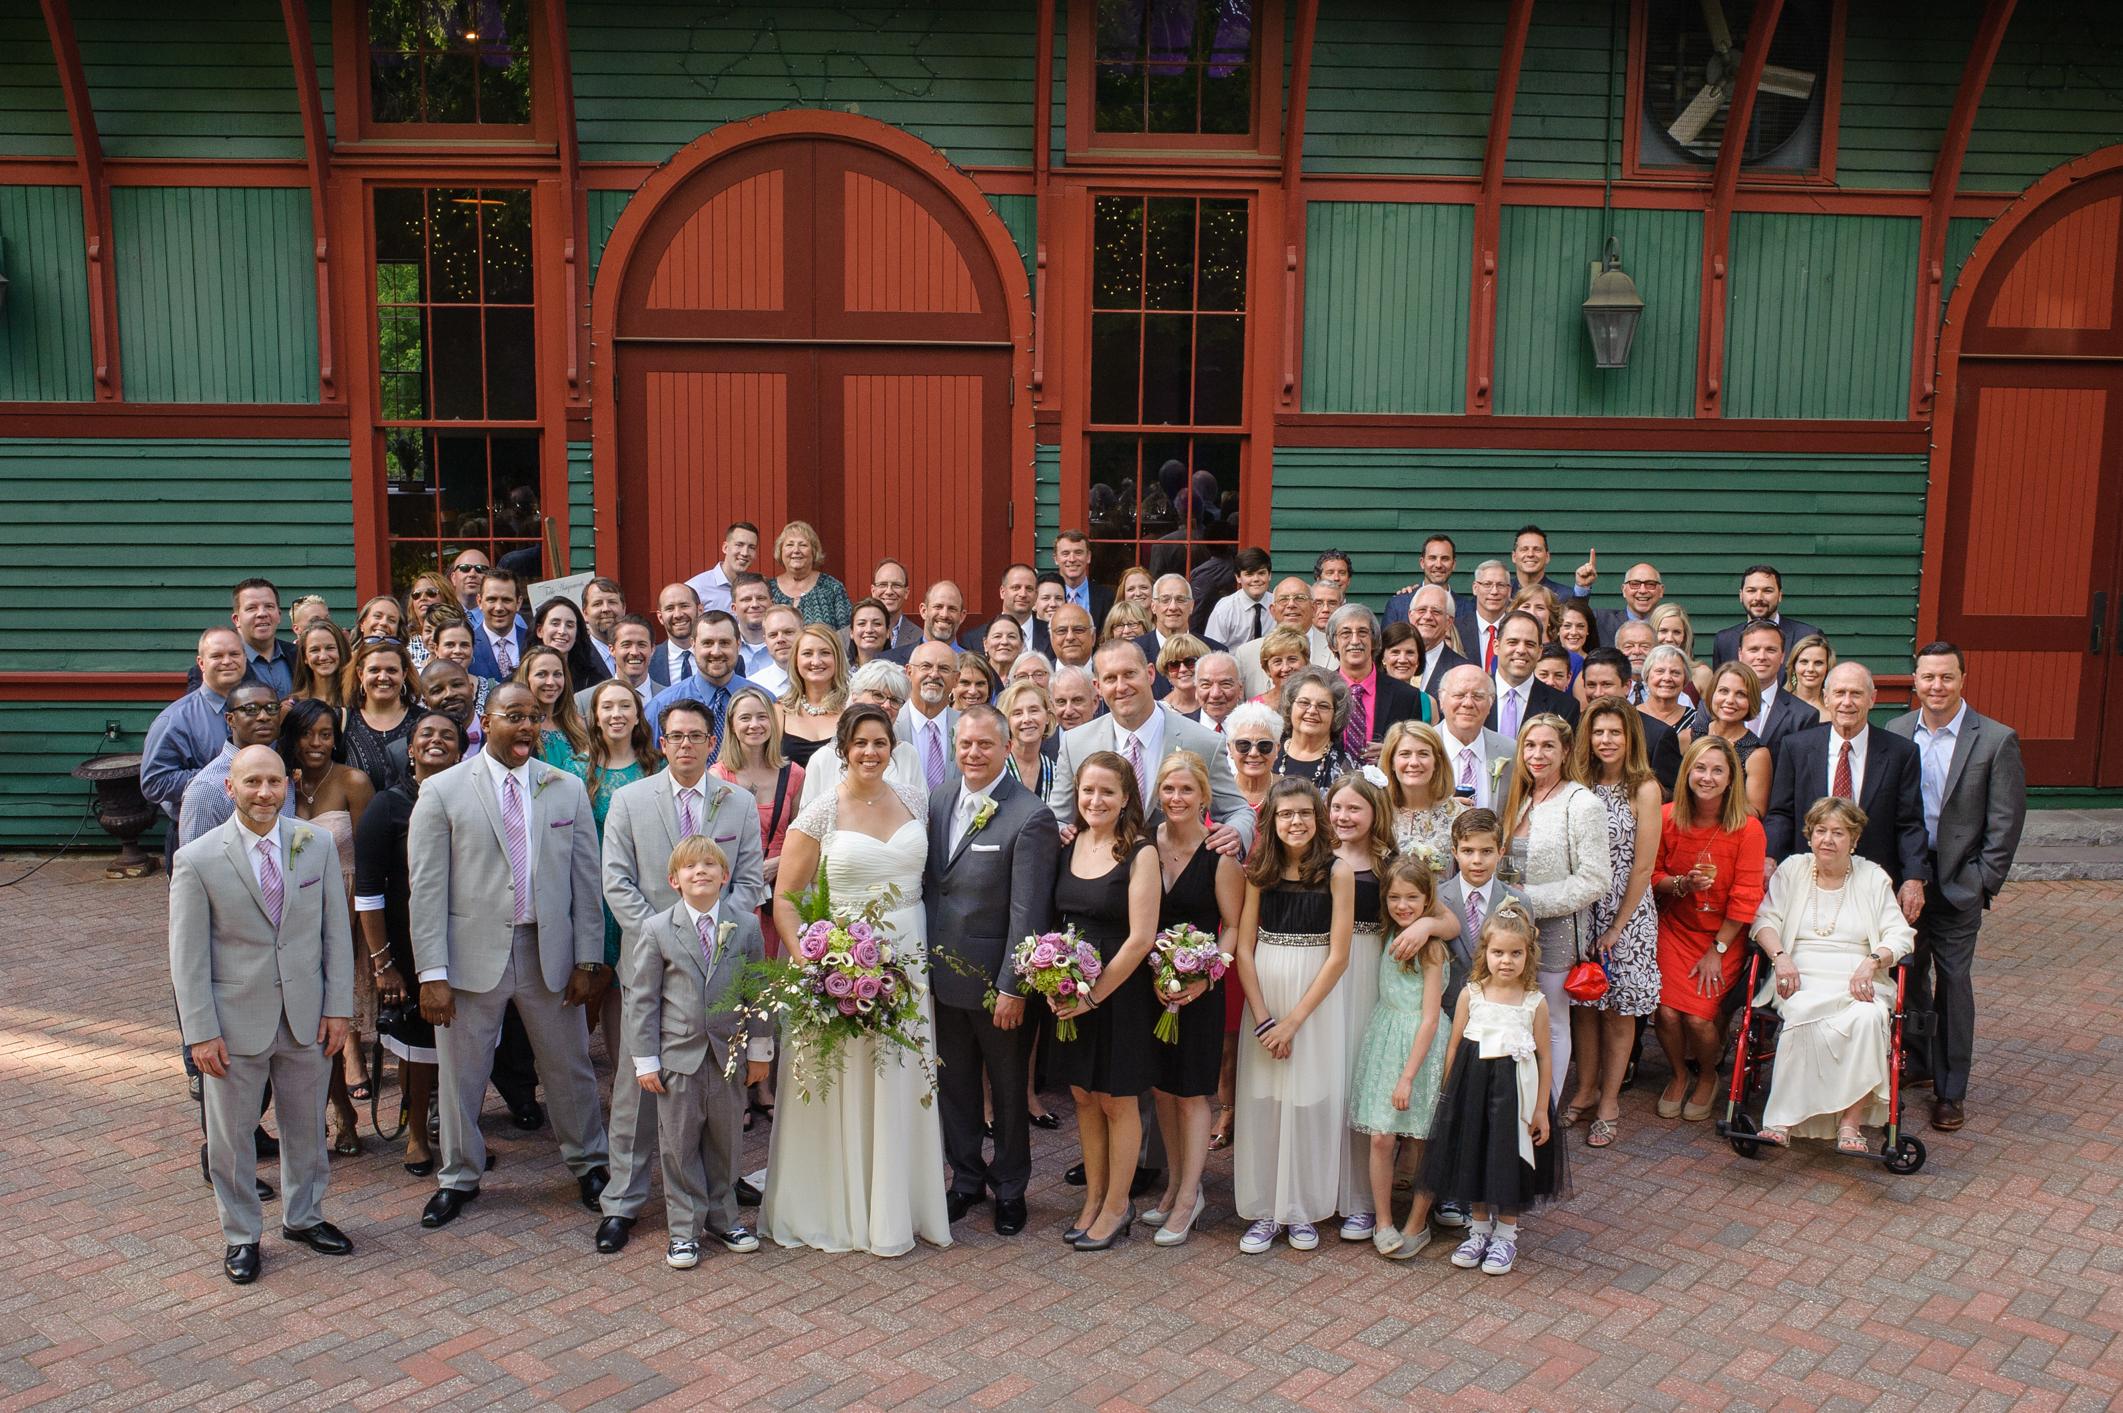 trolley barn wedding-9.JPG